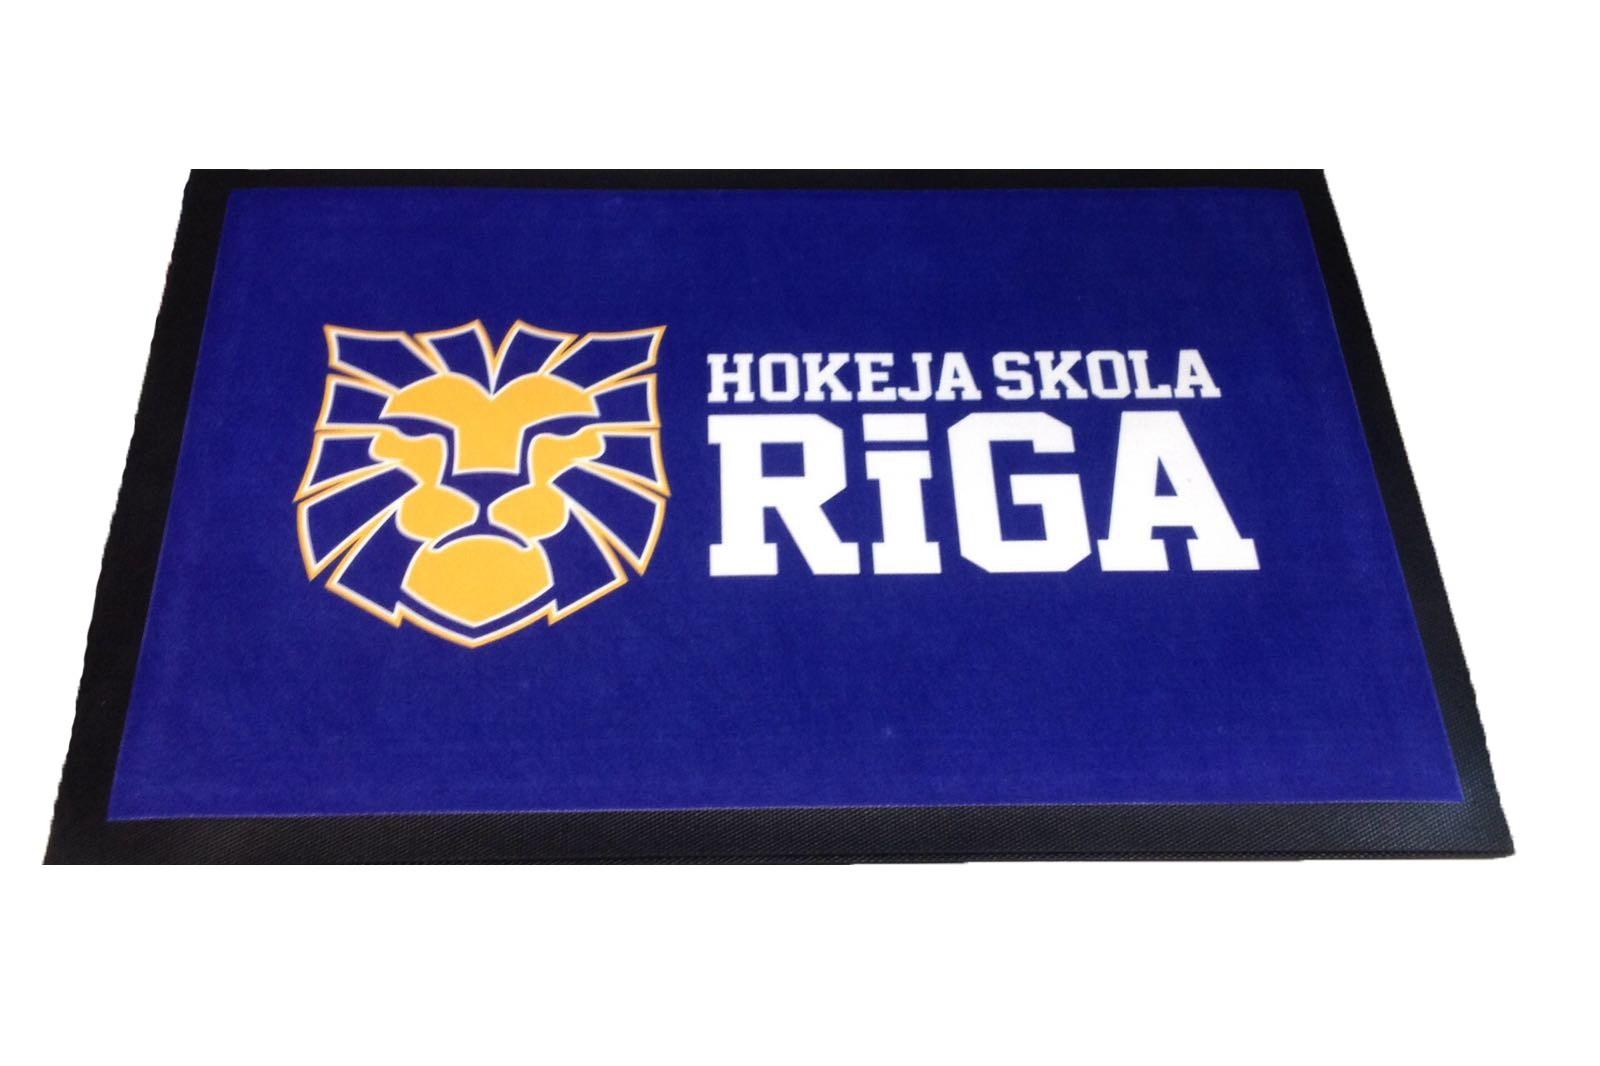 HOKEJAM.LV Hokeja Skola Rīga Hockey Skate Mat